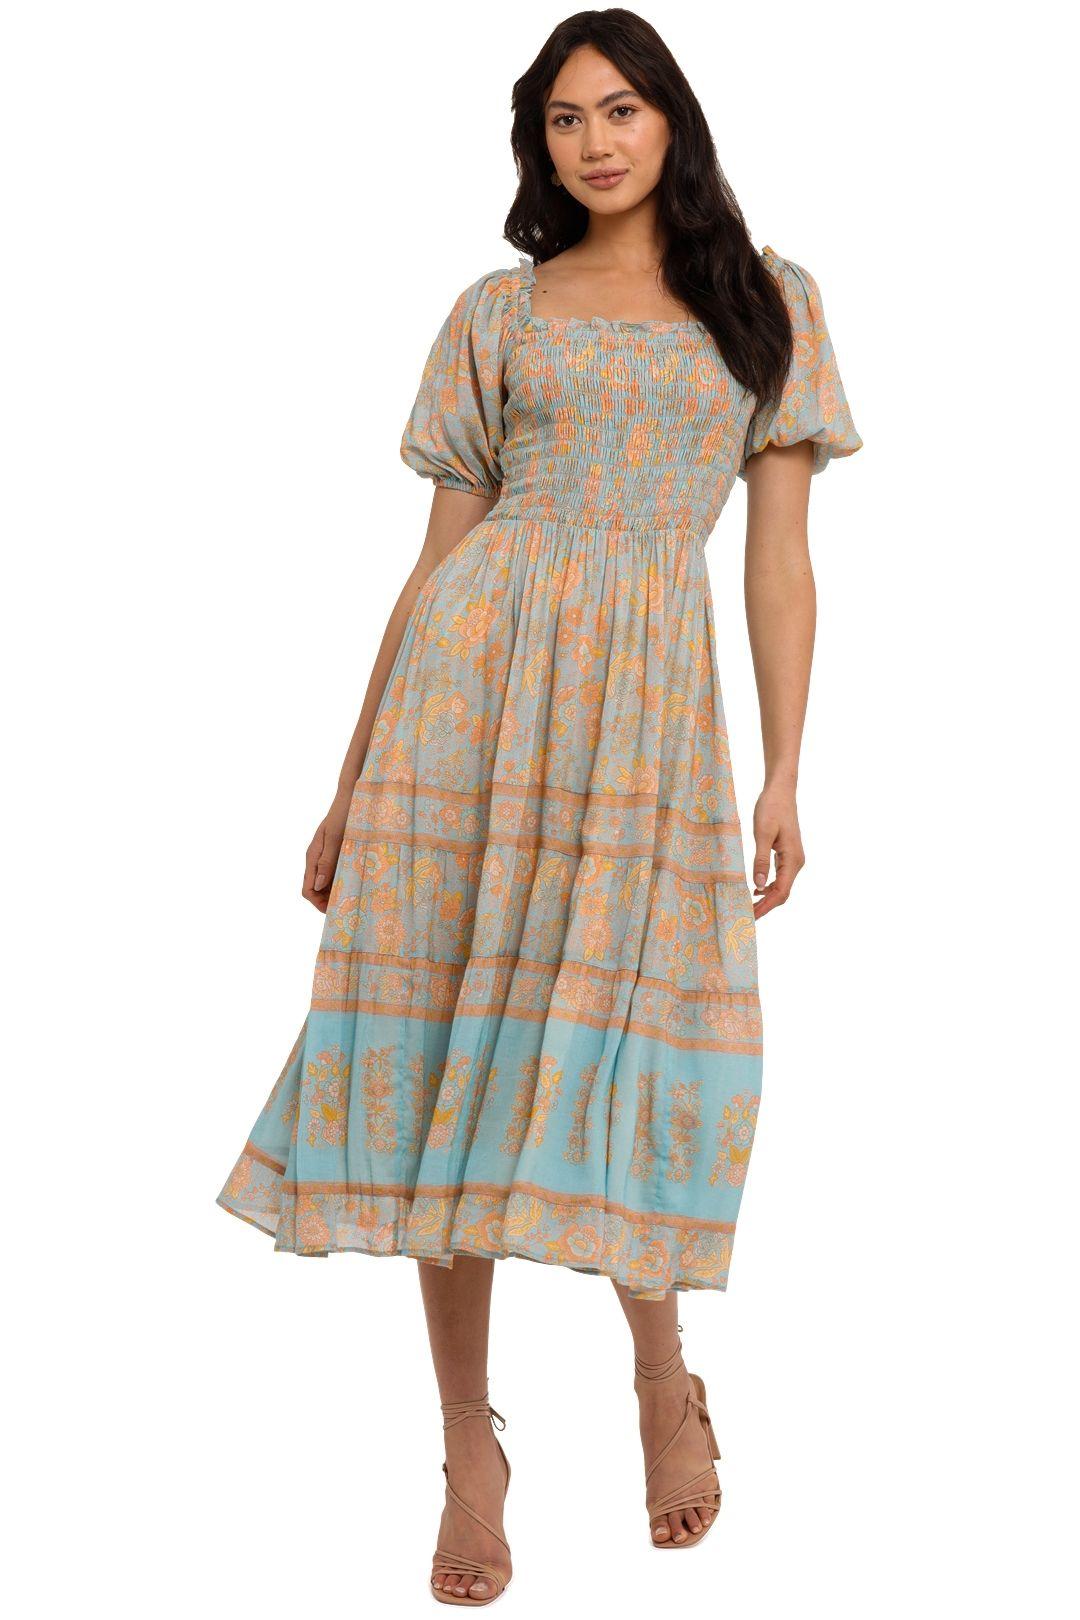 Spell Juniper Shirred Dress Eggshell Blue